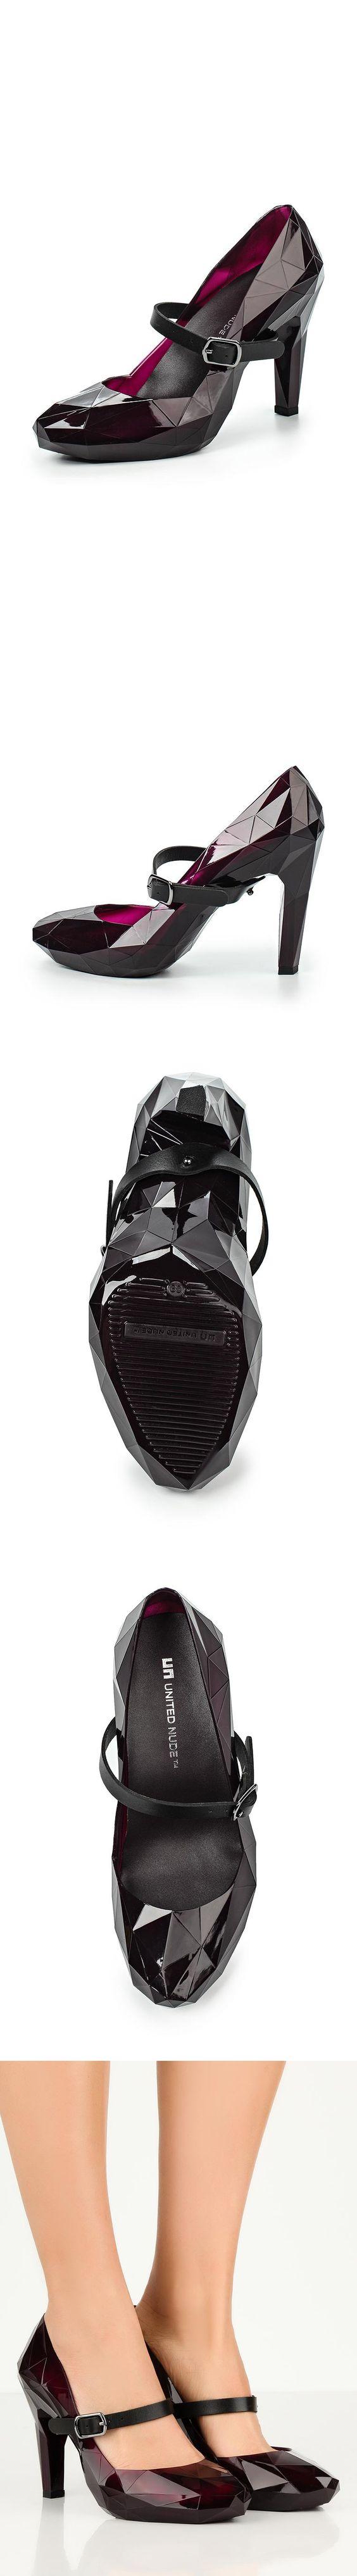 Женская обувь туфли United Nude за 13999.00 руб.